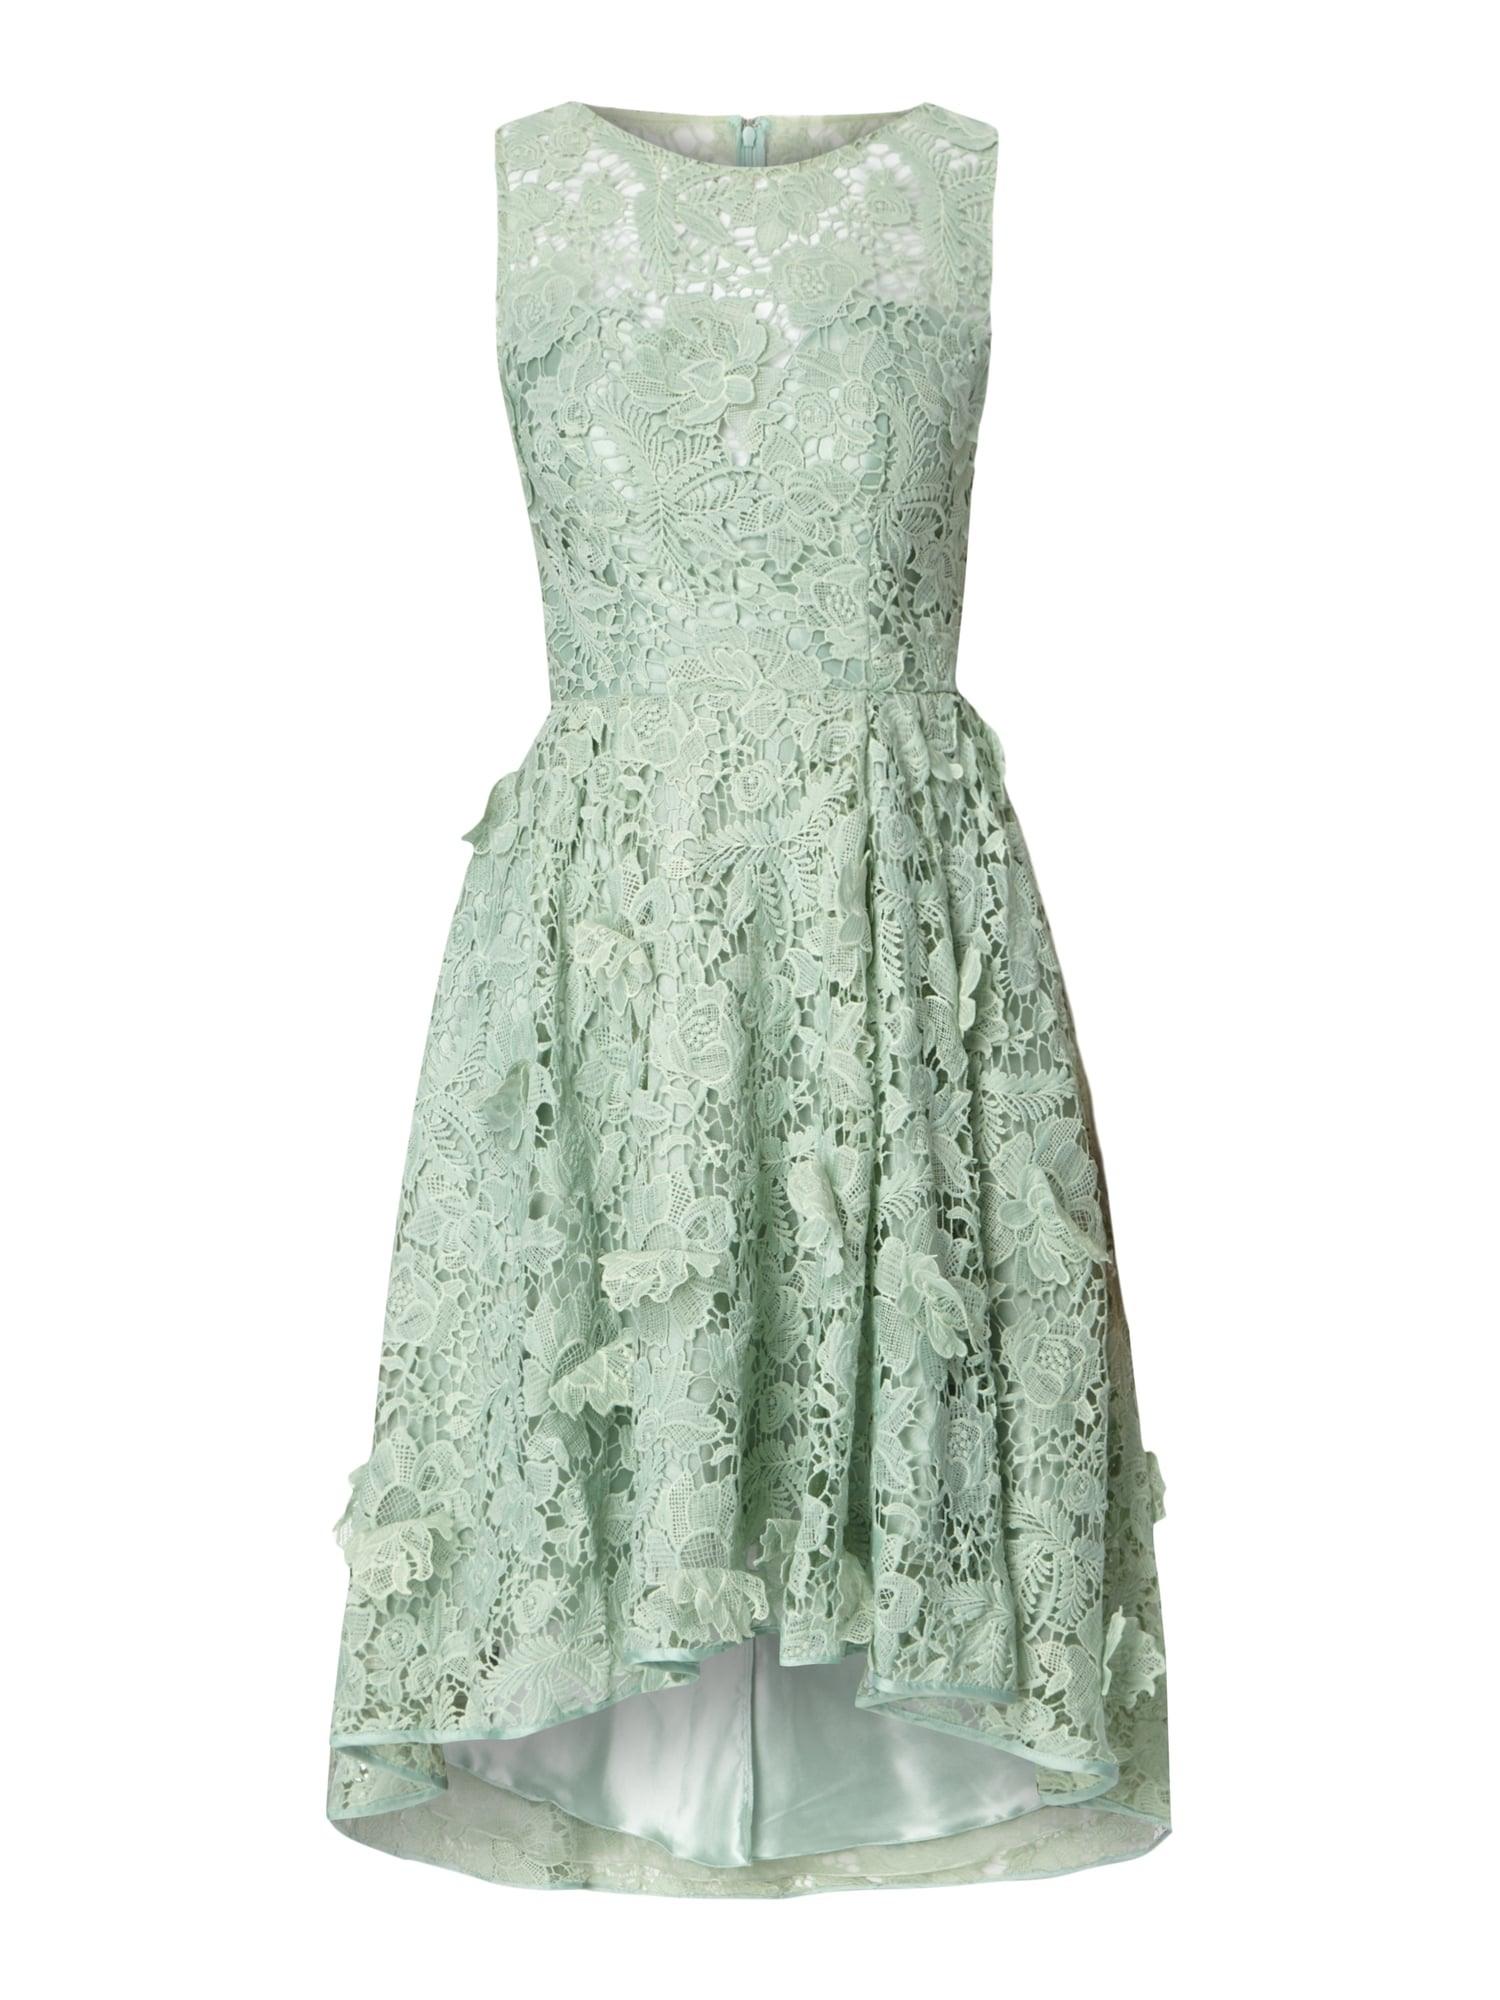 15 Einzigartig Kleid Grün Spitze für 2019Designer Luxus Kleid Grün Spitze Ärmel